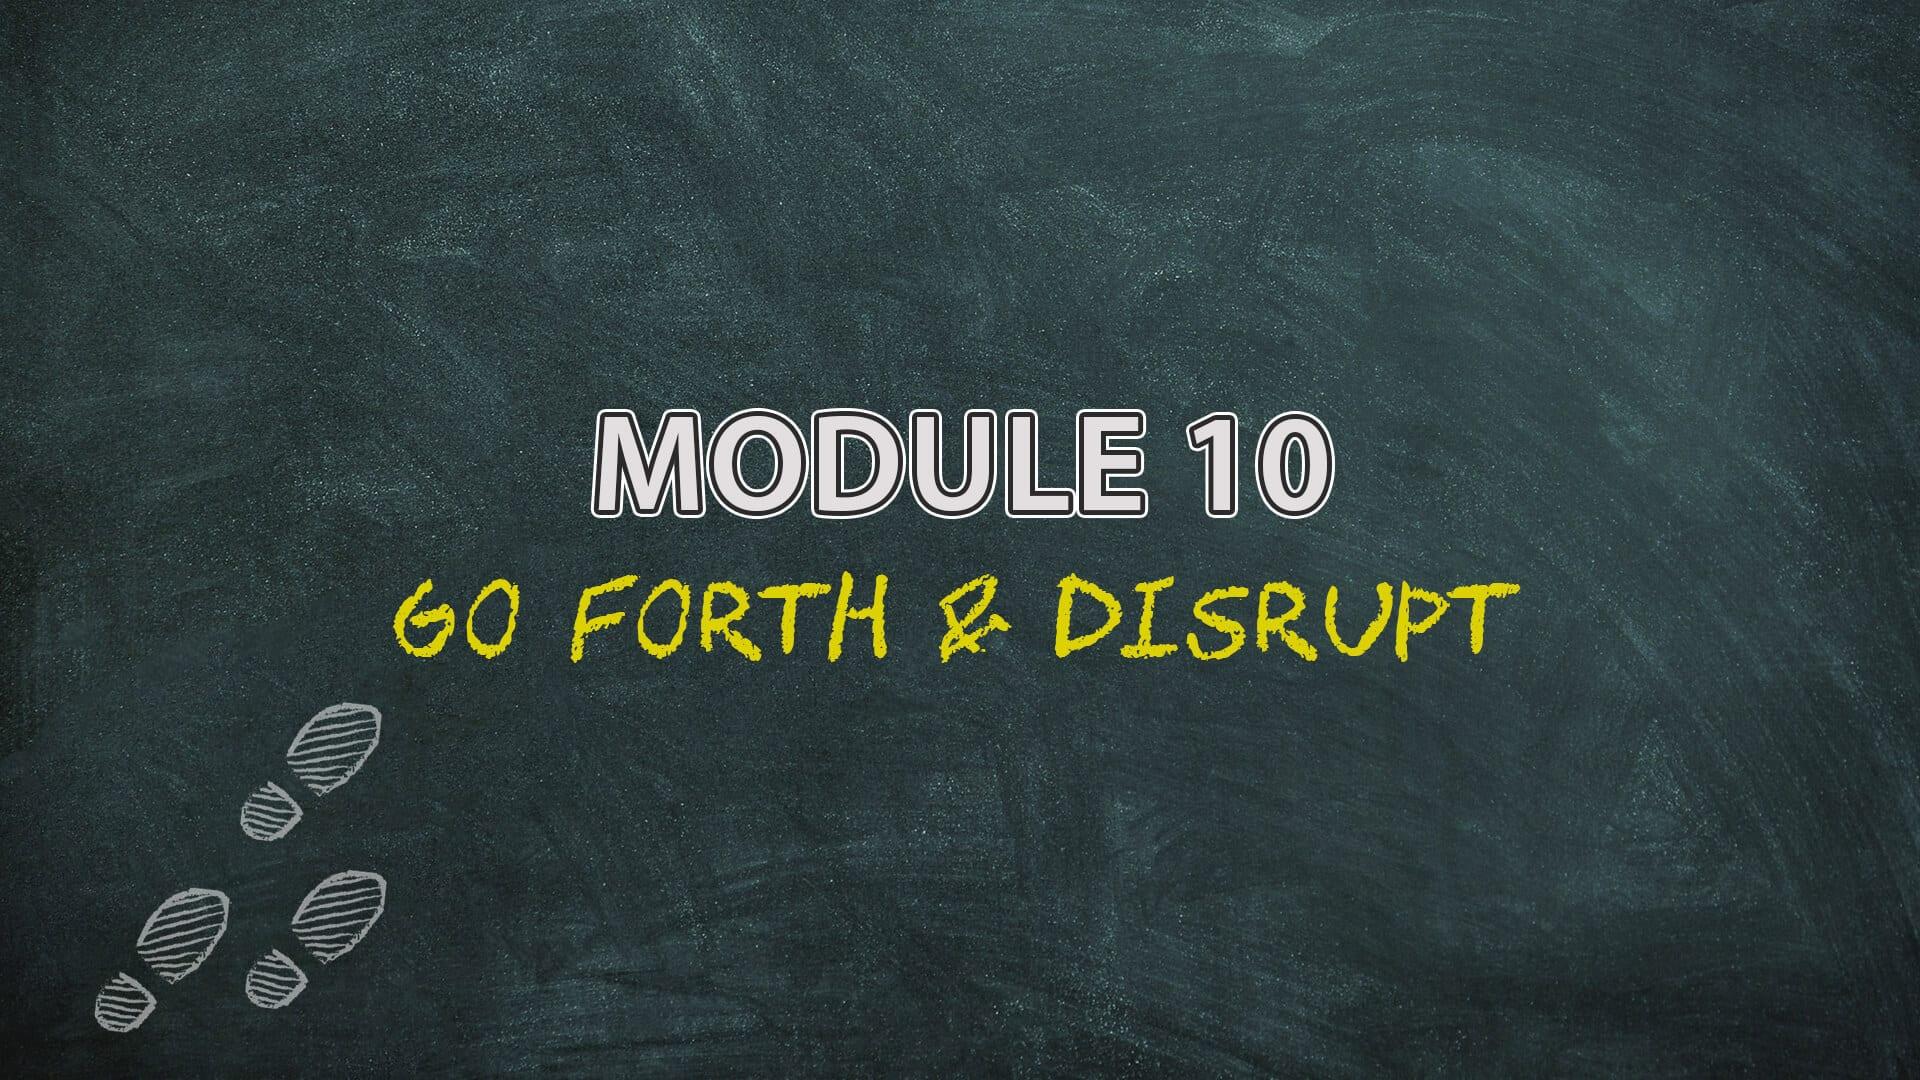 Module 10 Go Forth & Disrupt